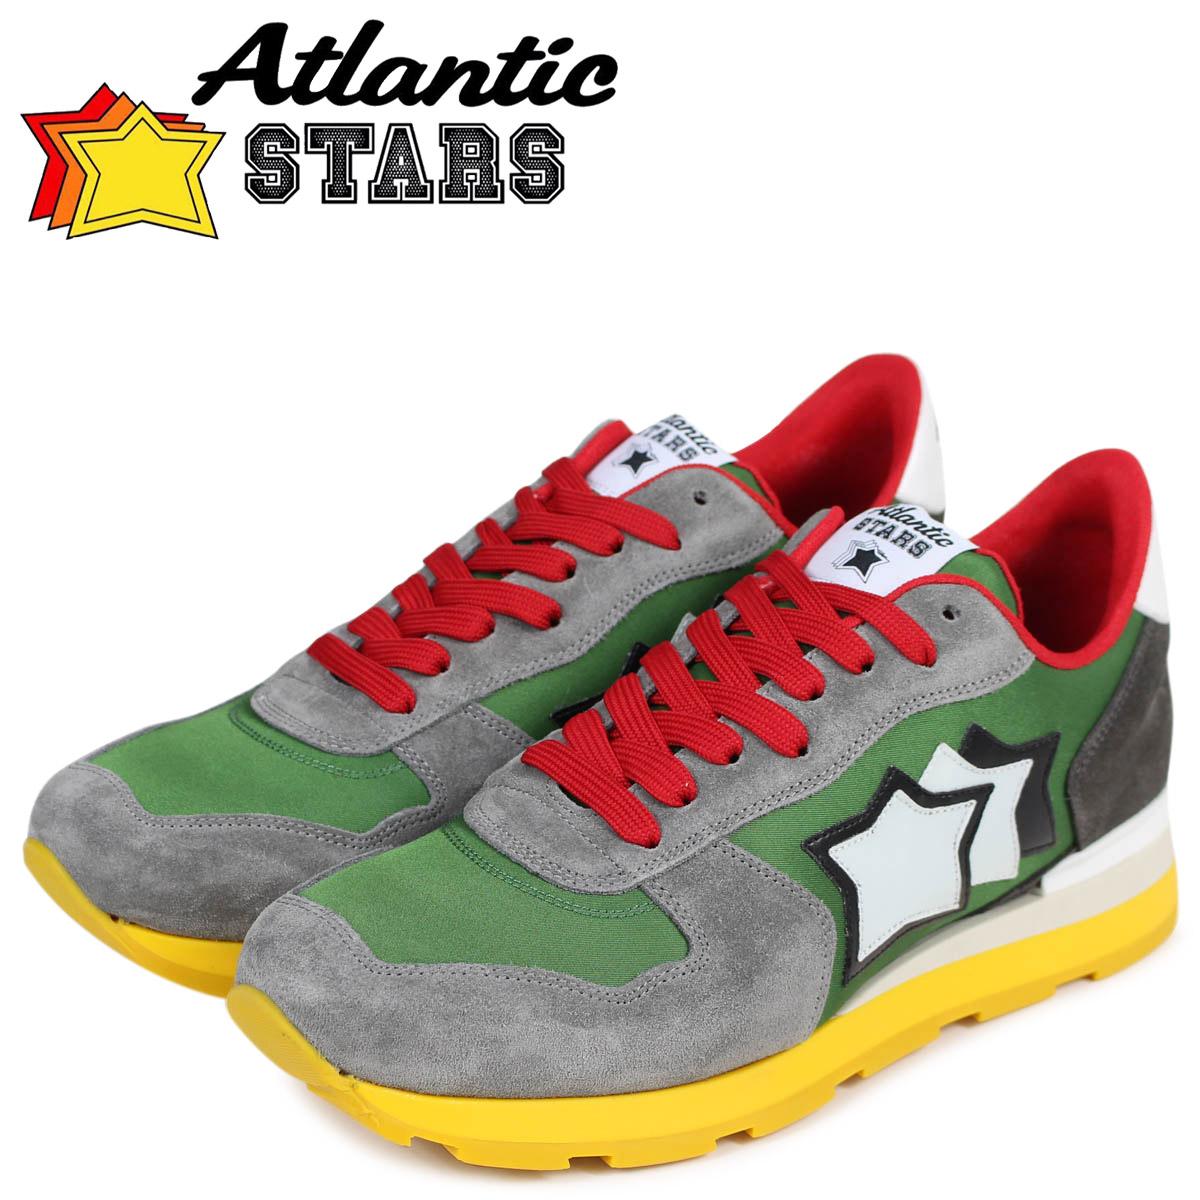 Atlantic STARS アトランティックスターズ メンズ スニーカー Atlantic STARS アンタレス ANTARES CPV-66B グリーン